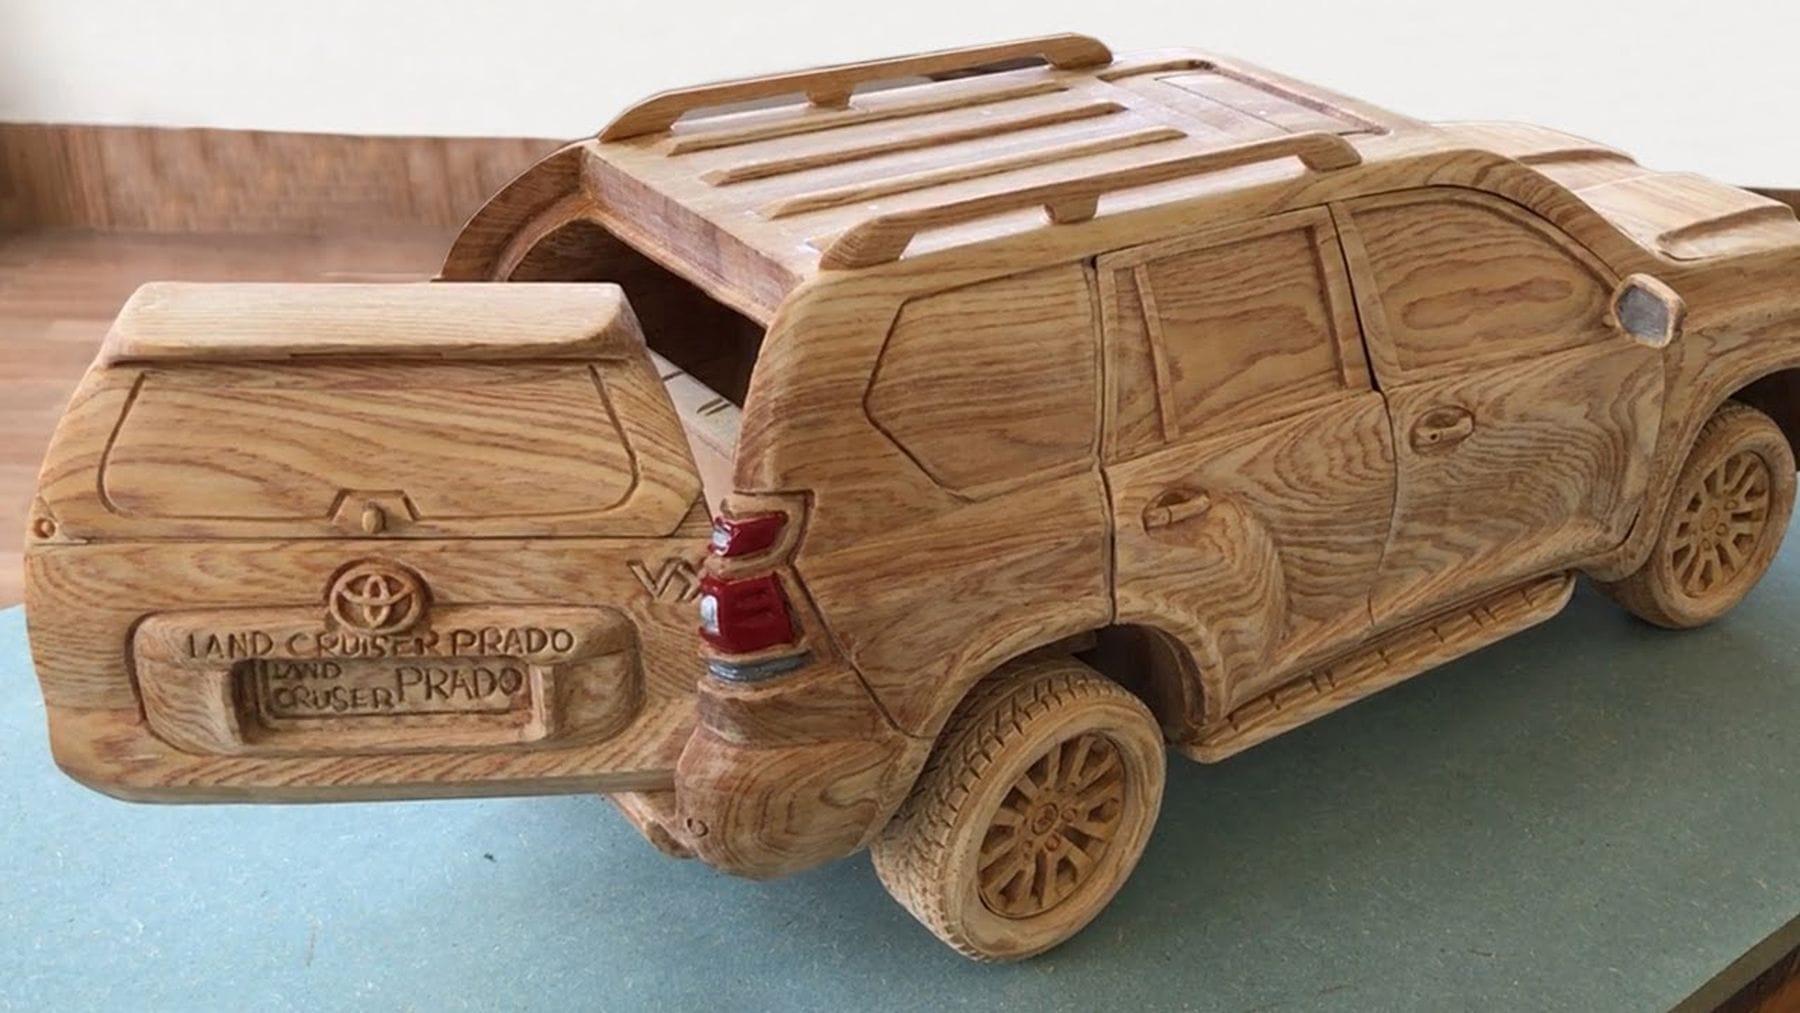 Ein Toyota Prado Land Cruiser 2020 aus Holz geschnitzt | Design/Kunst | Was is hier eigentlich los?